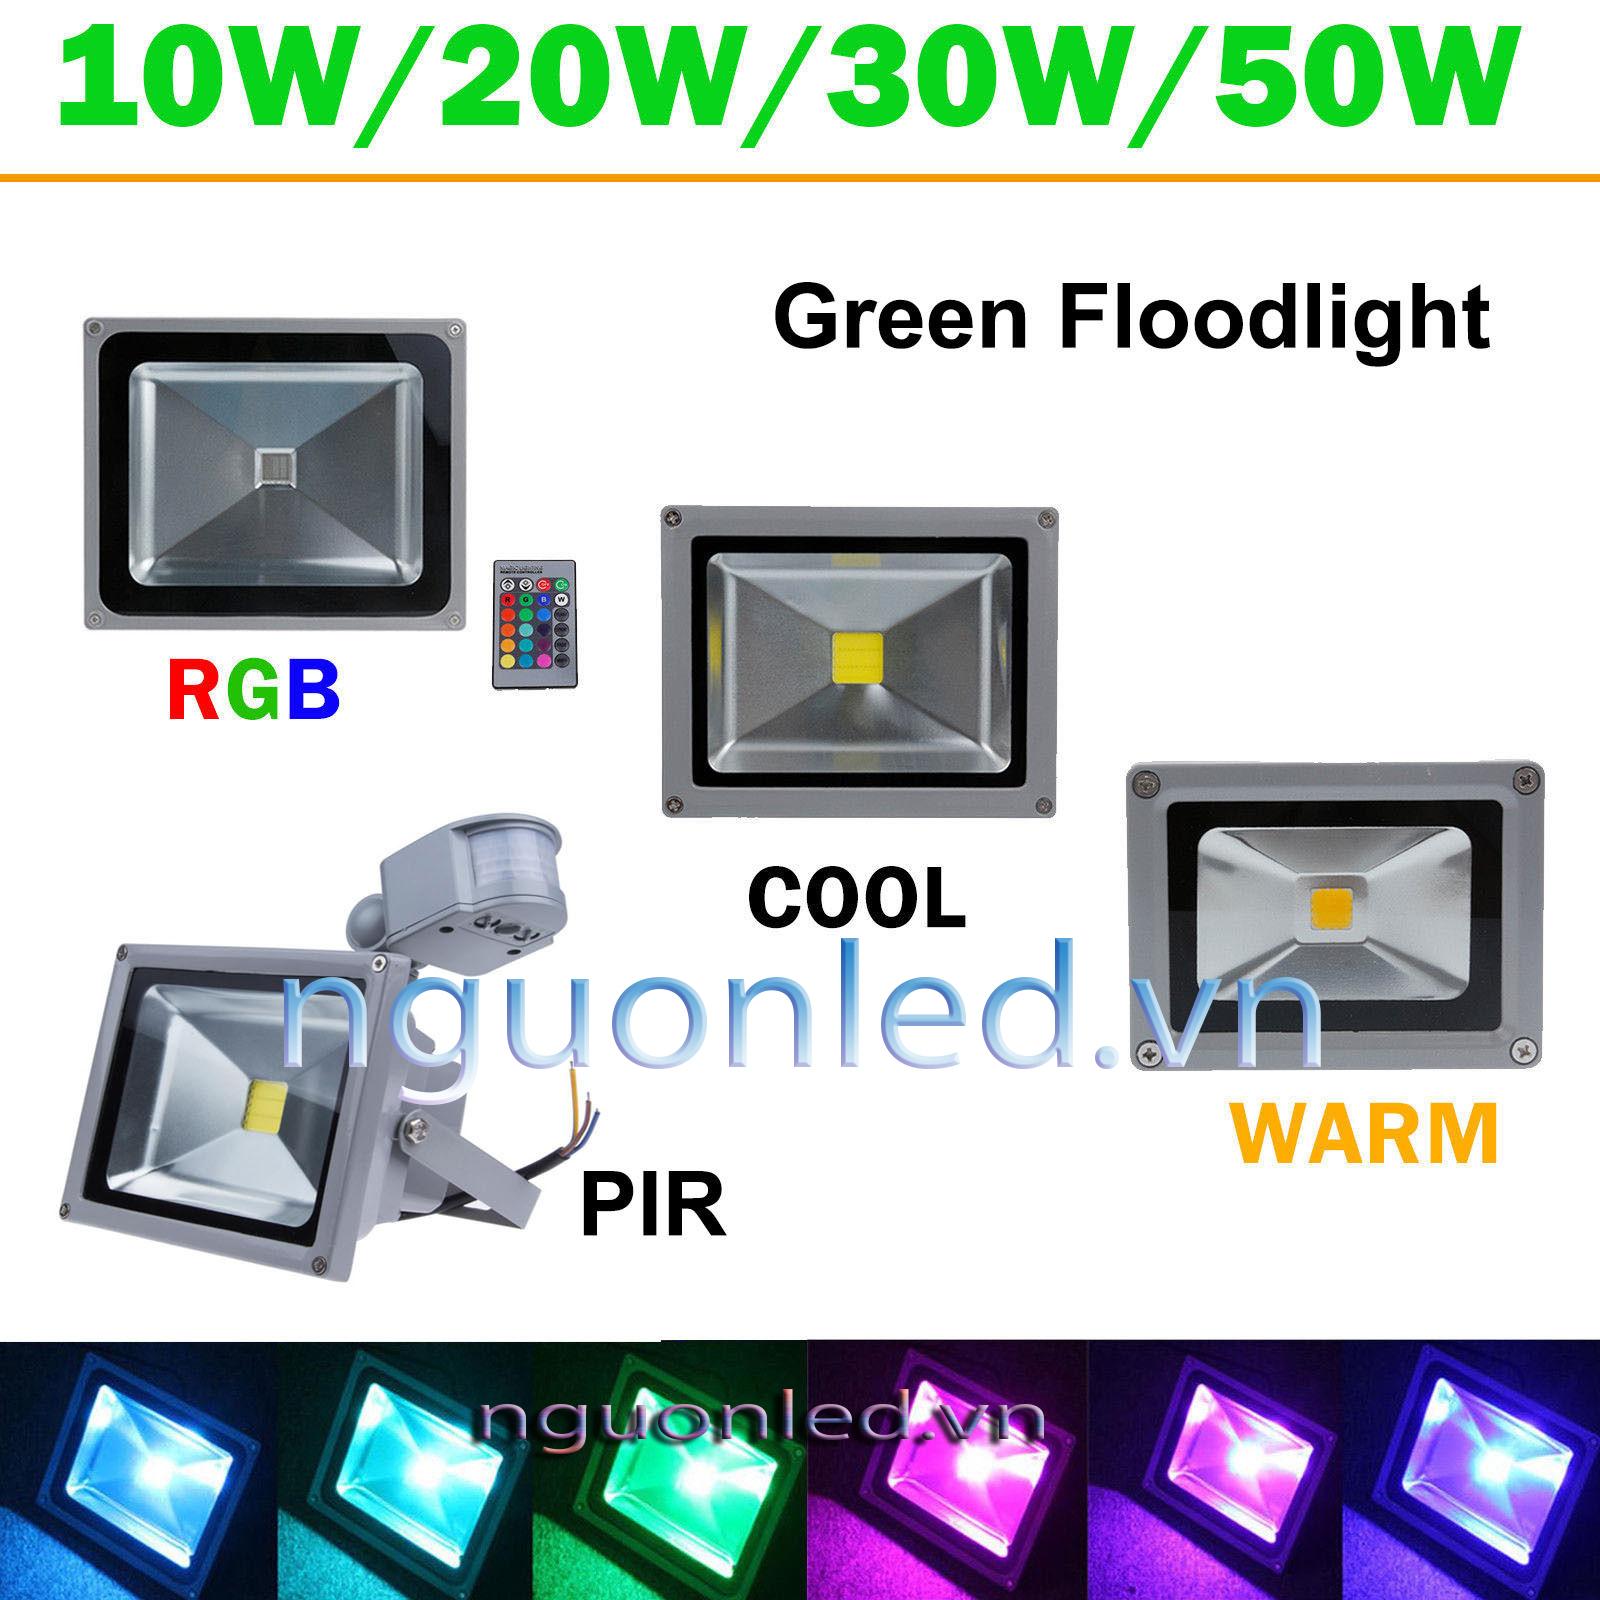 Đèn pha 10W đổi màu, loại tốt, bảo hành 2 năm mua tại nguonled.vn